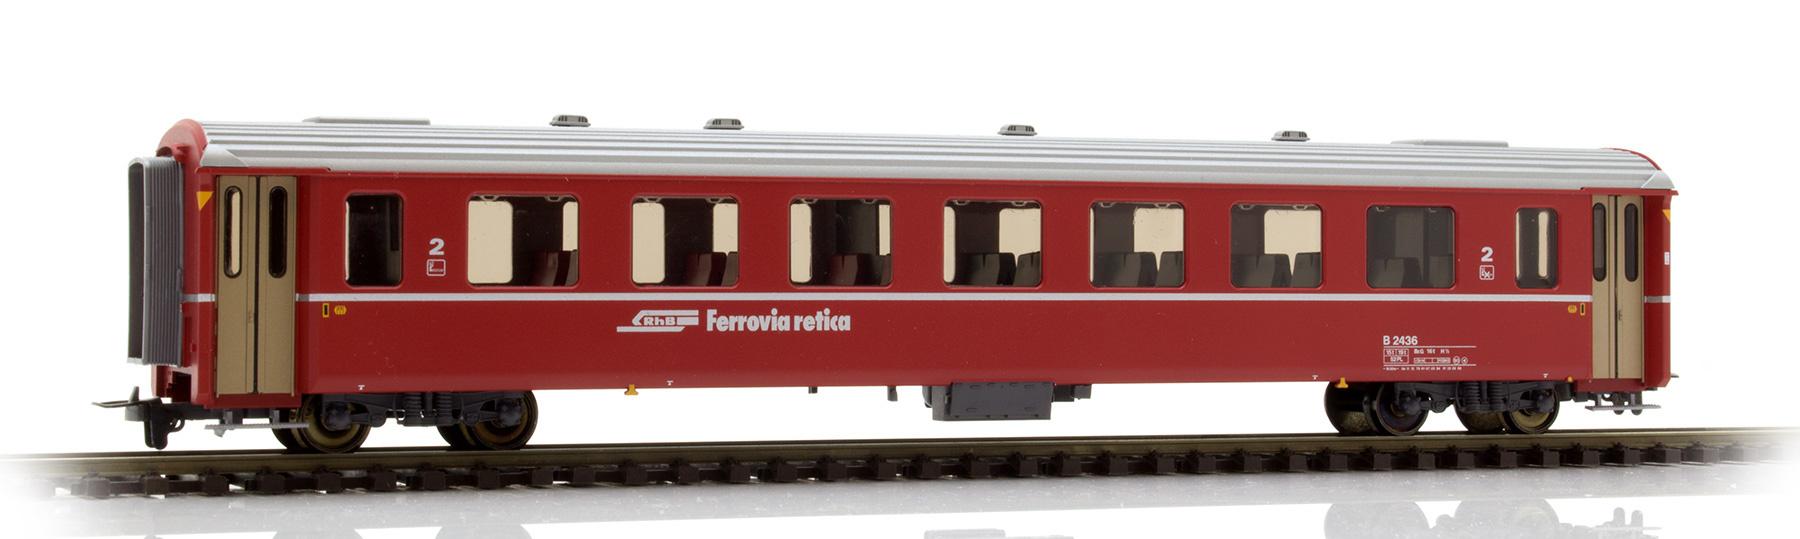 3240136 RhB B 2436 Einheitswagen II-1